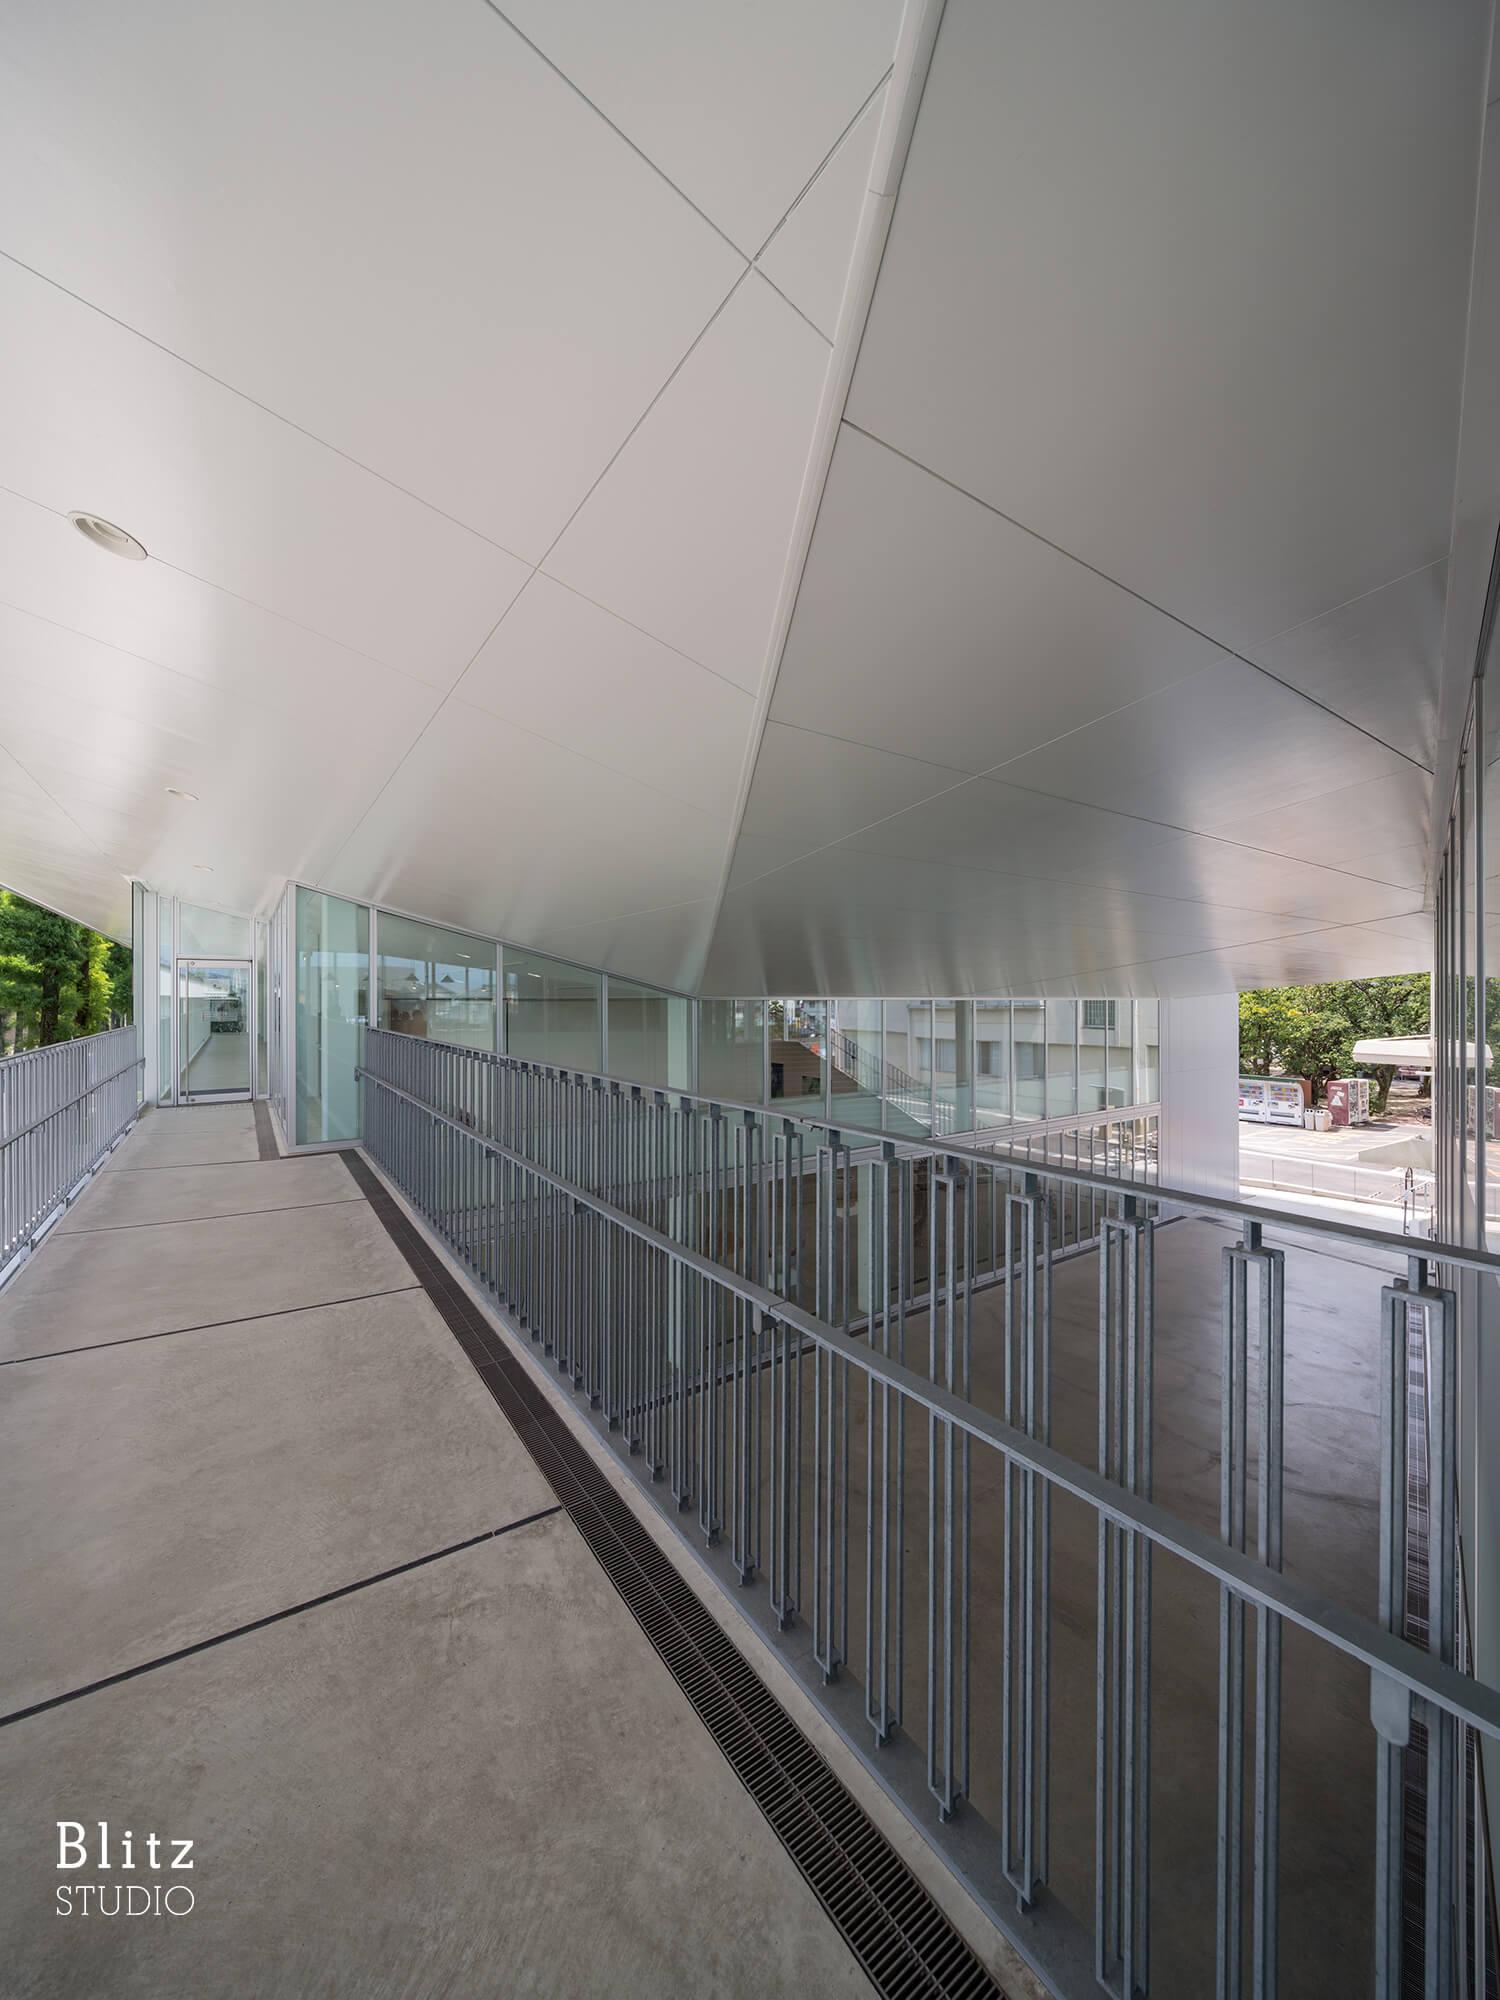 『佐賀大学 美術館』建築写真・竣工写真・インテリア写真11